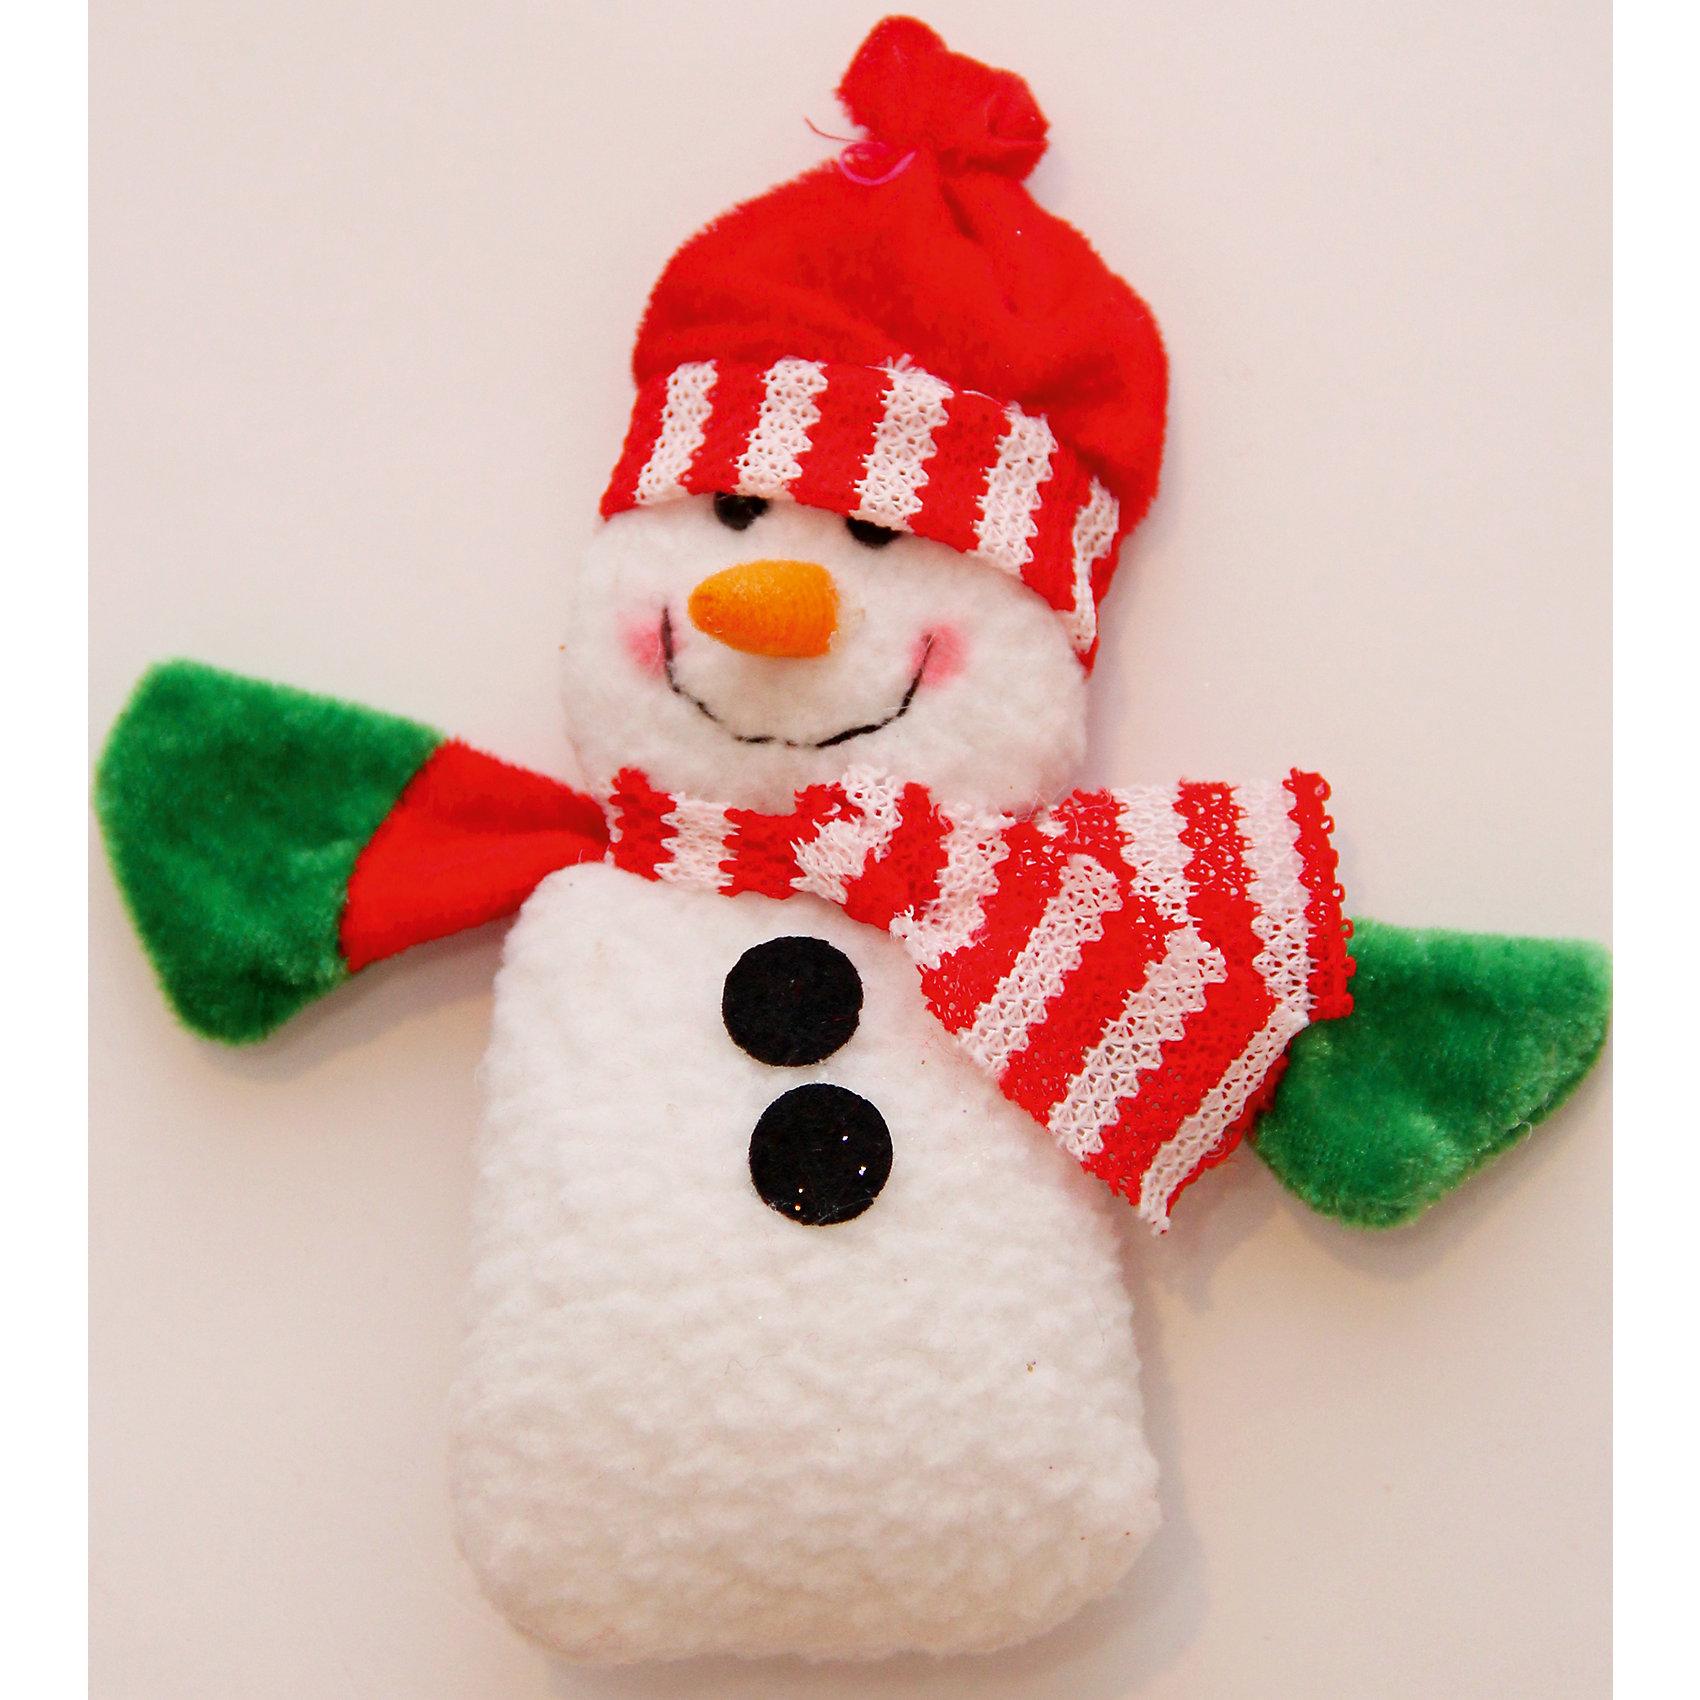 Украшение новогоднее подвесное Снеговик с шарфомВсё для праздника<br>Украшение новогоднее подвесное Снеговик с Шарфом арт.42533 из полиэстра / 15x8<br><br>Ширина мм: 150<br>Глубина мм: 80<br>Высота мм: 10<br>Вес г: 21<br>Возраст от месяцев: 60<br>Возраст до месяцев: 600<br>Пол: Унисекс<br>Возраст: Детский<br>SKU: 5144634